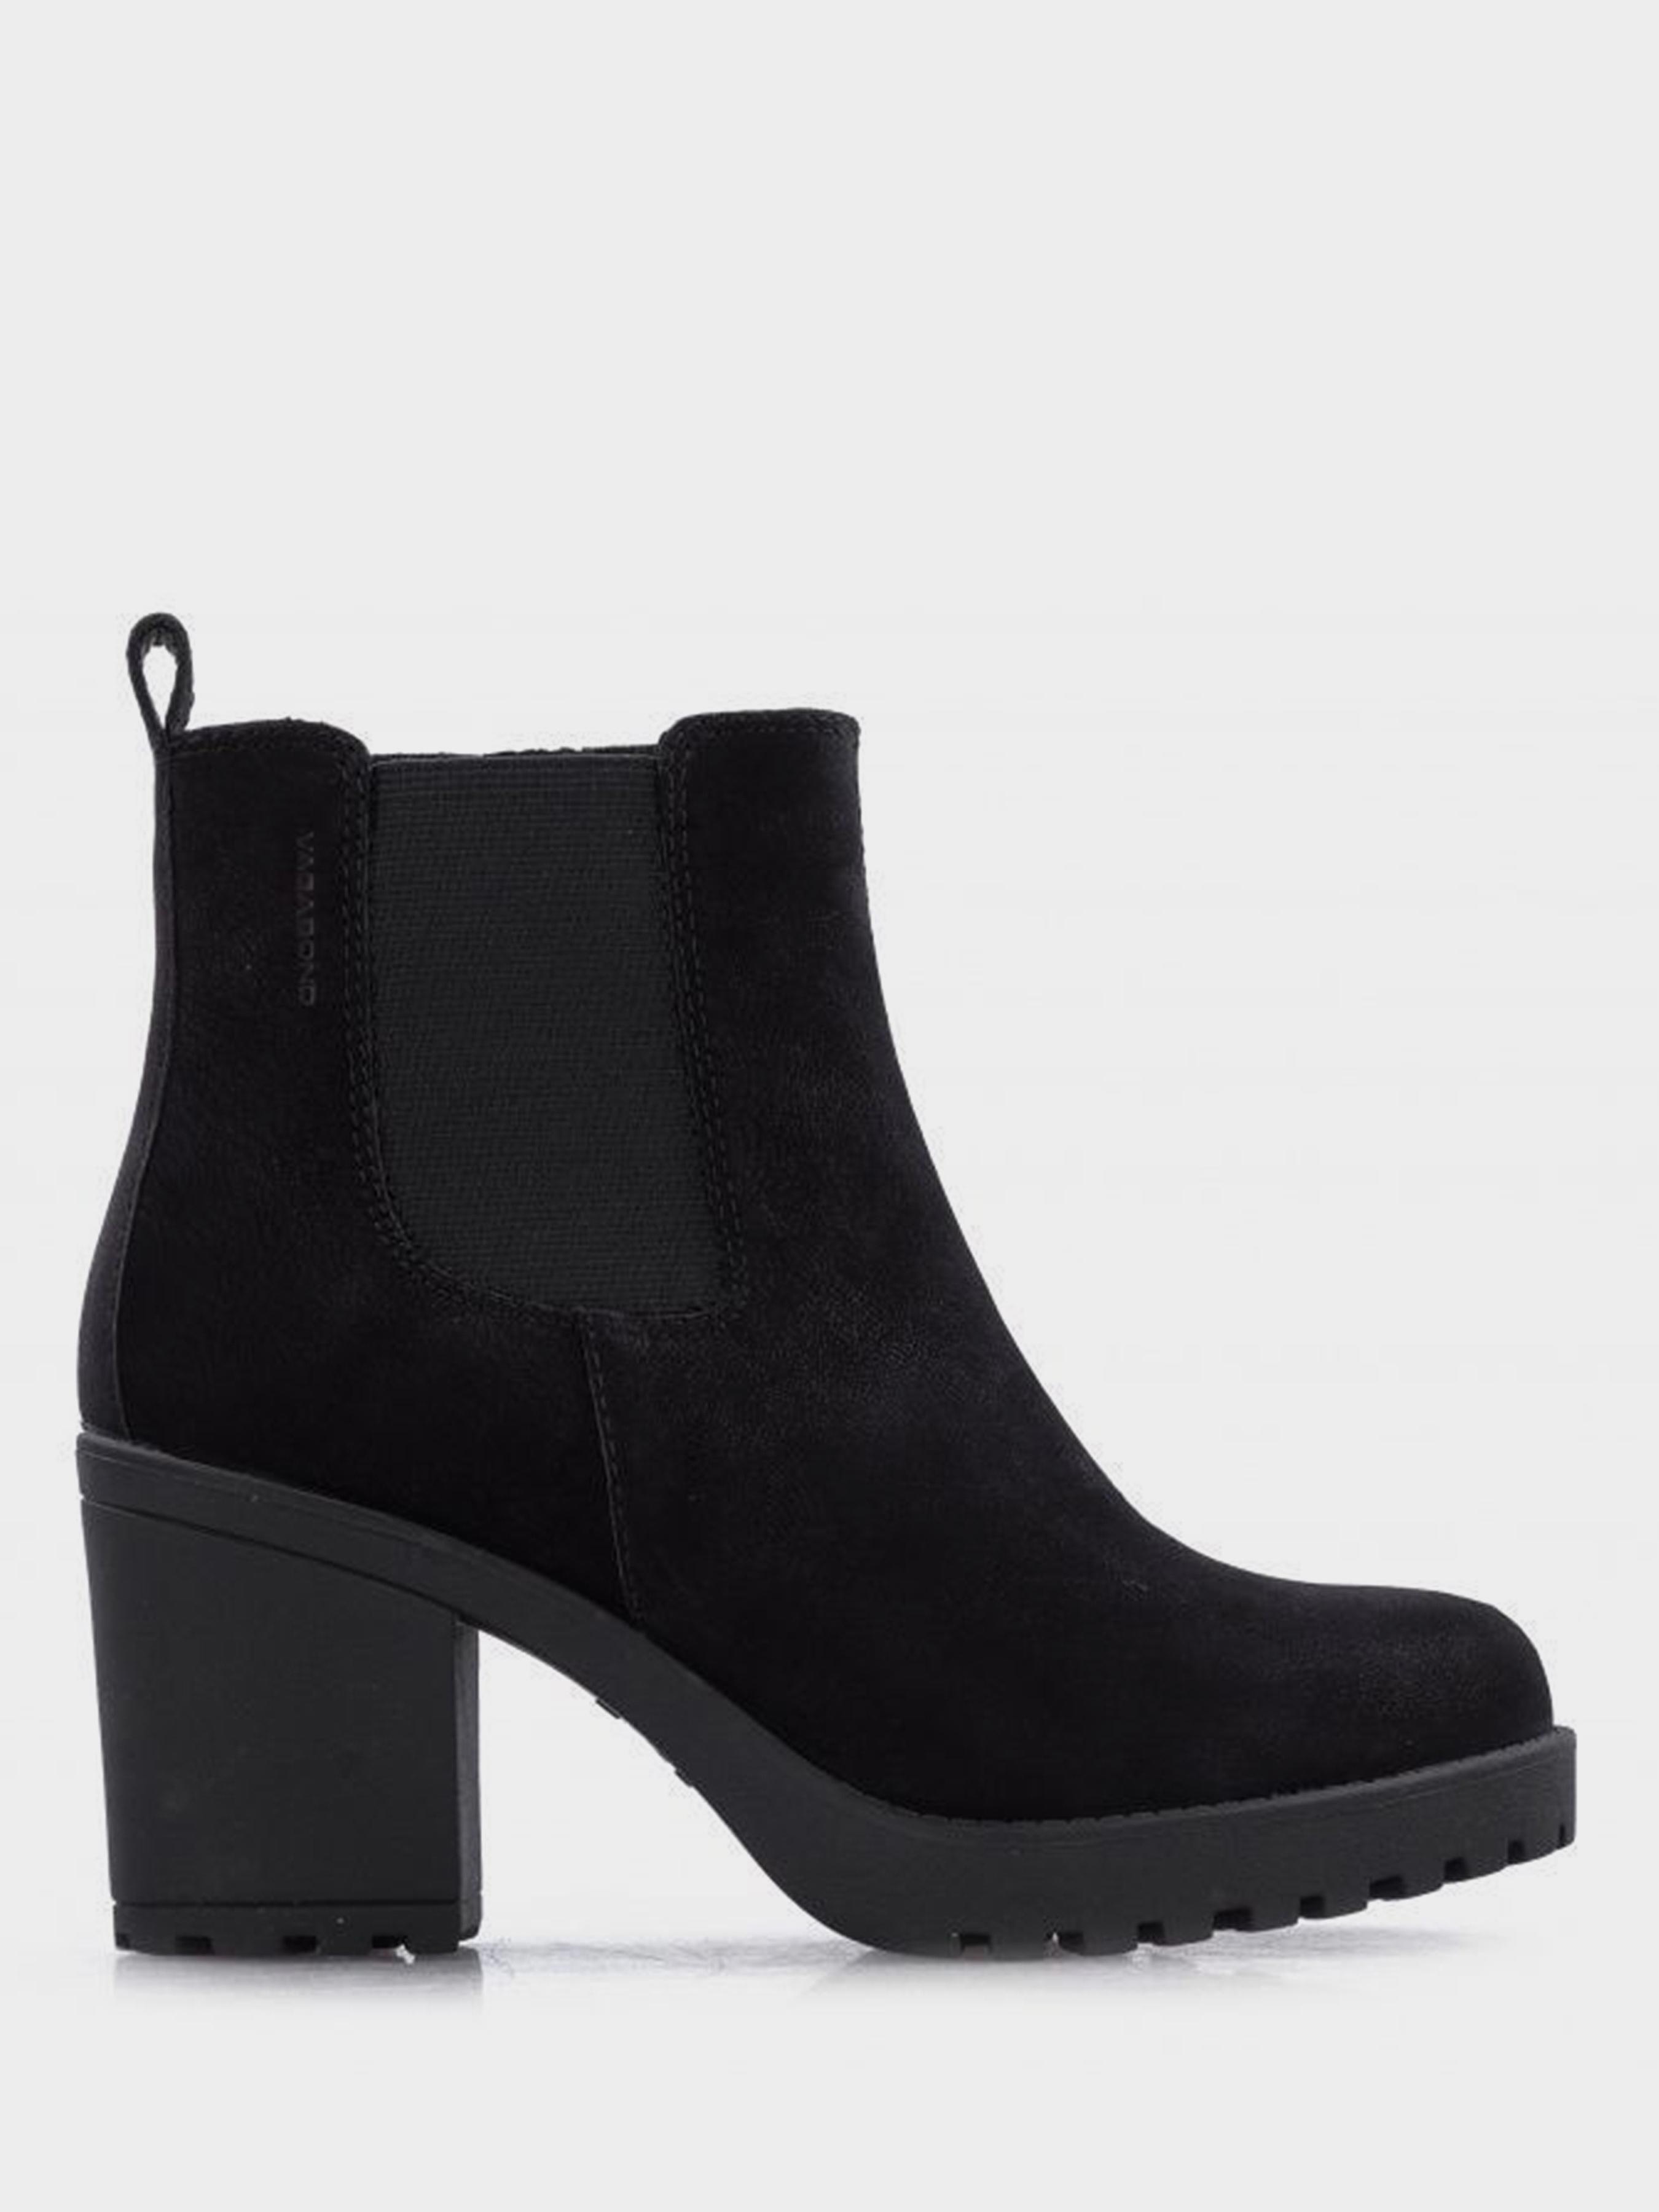 Купить Ботинки женские VAGABOND GRACE VW5367, Черный